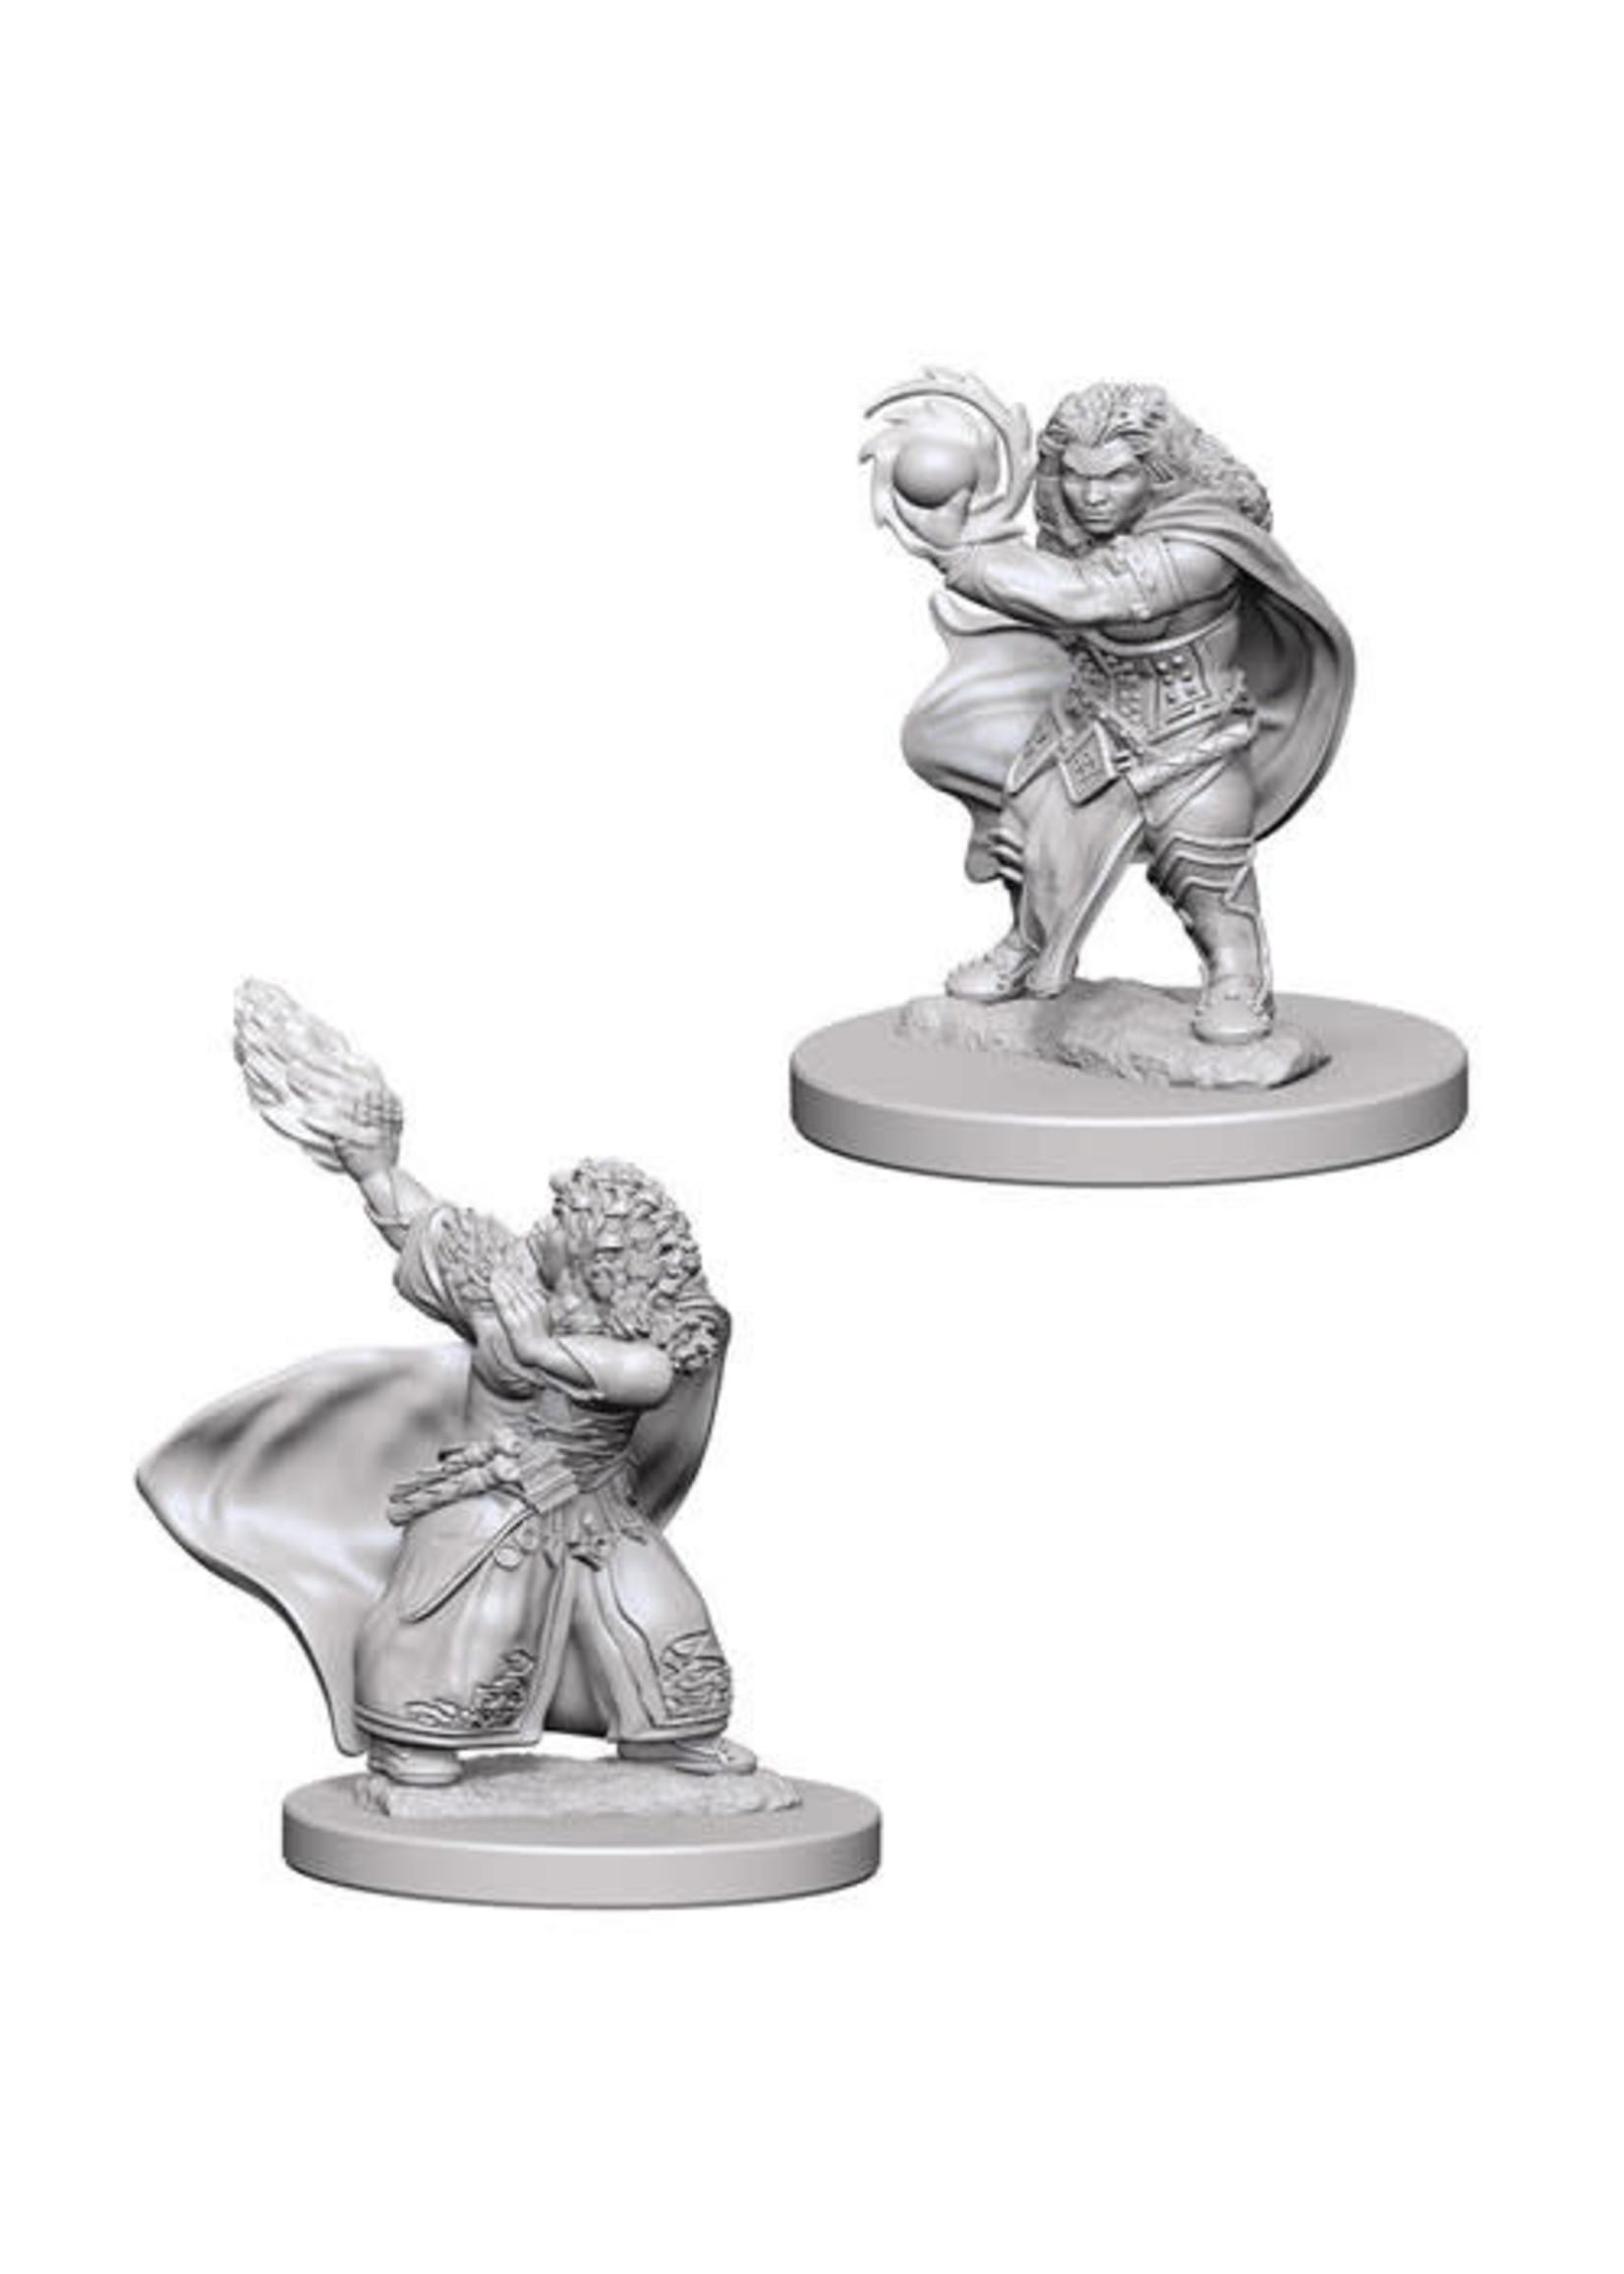 D&D Unpainted Minis: Dwarf Female Wizard